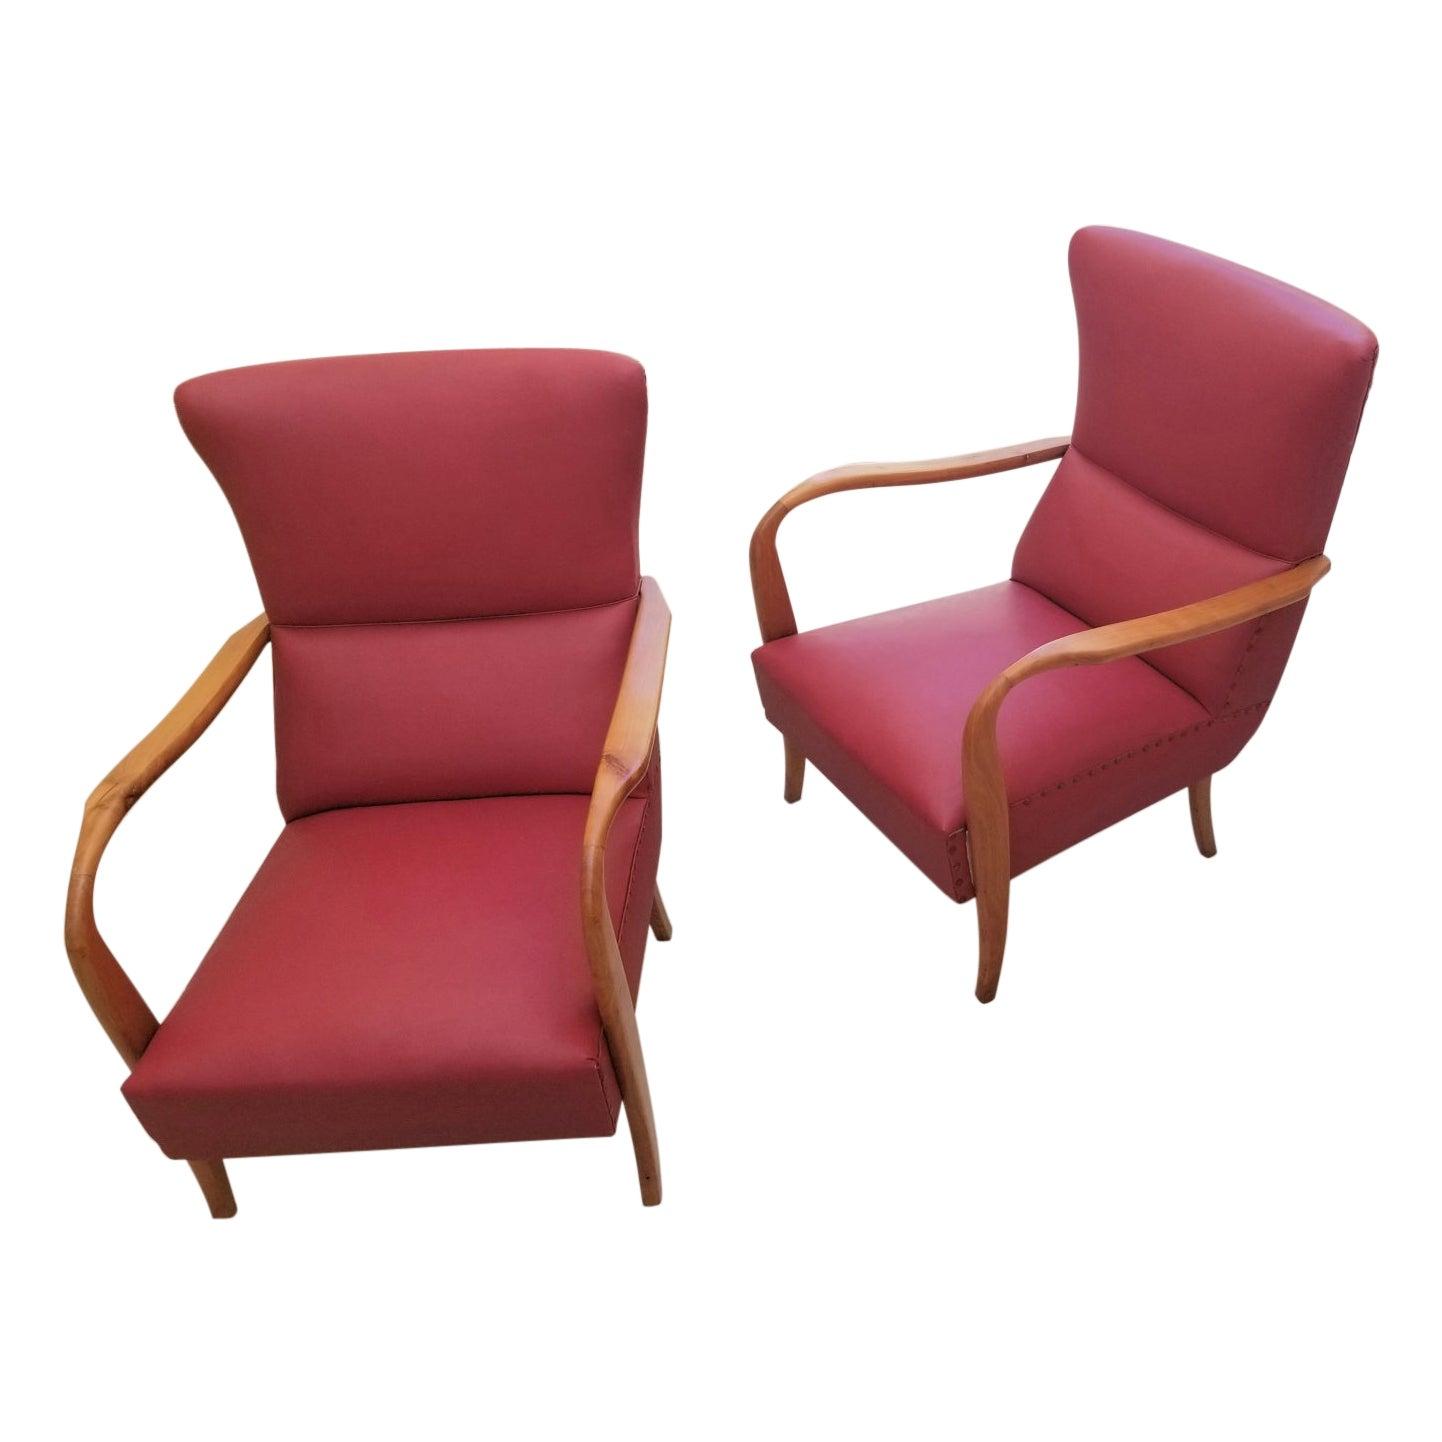 Italian Pair of Chairs